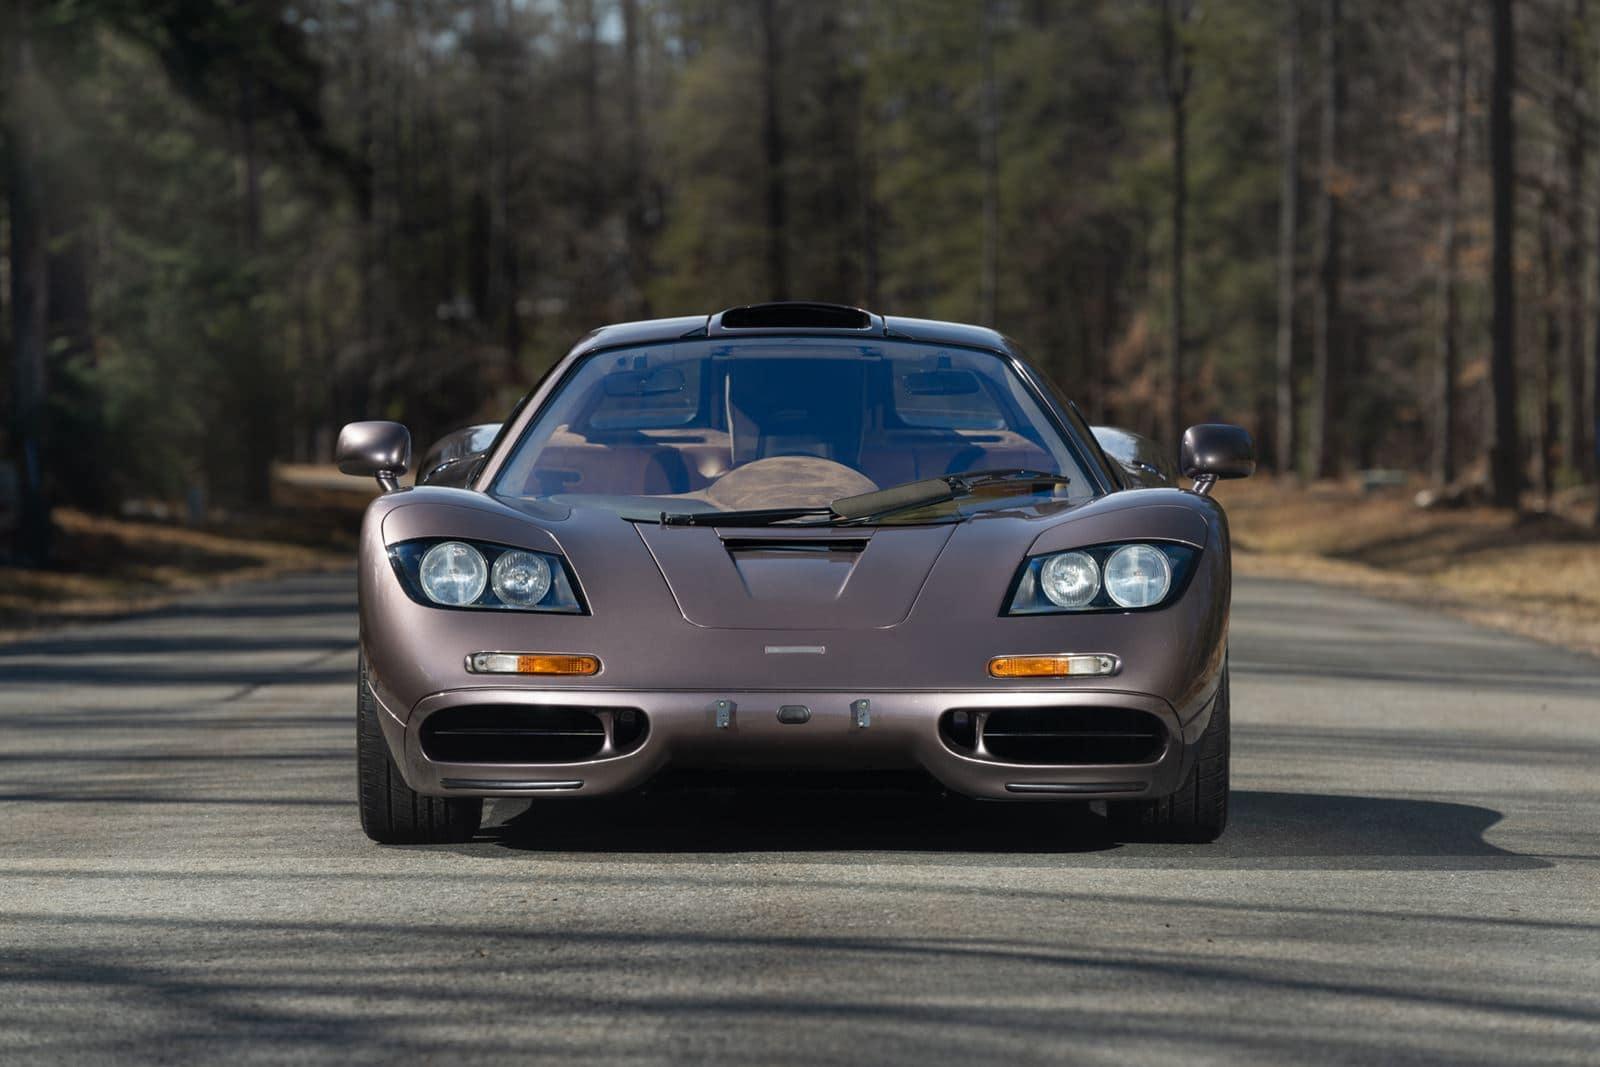 McLaren F1 frontal